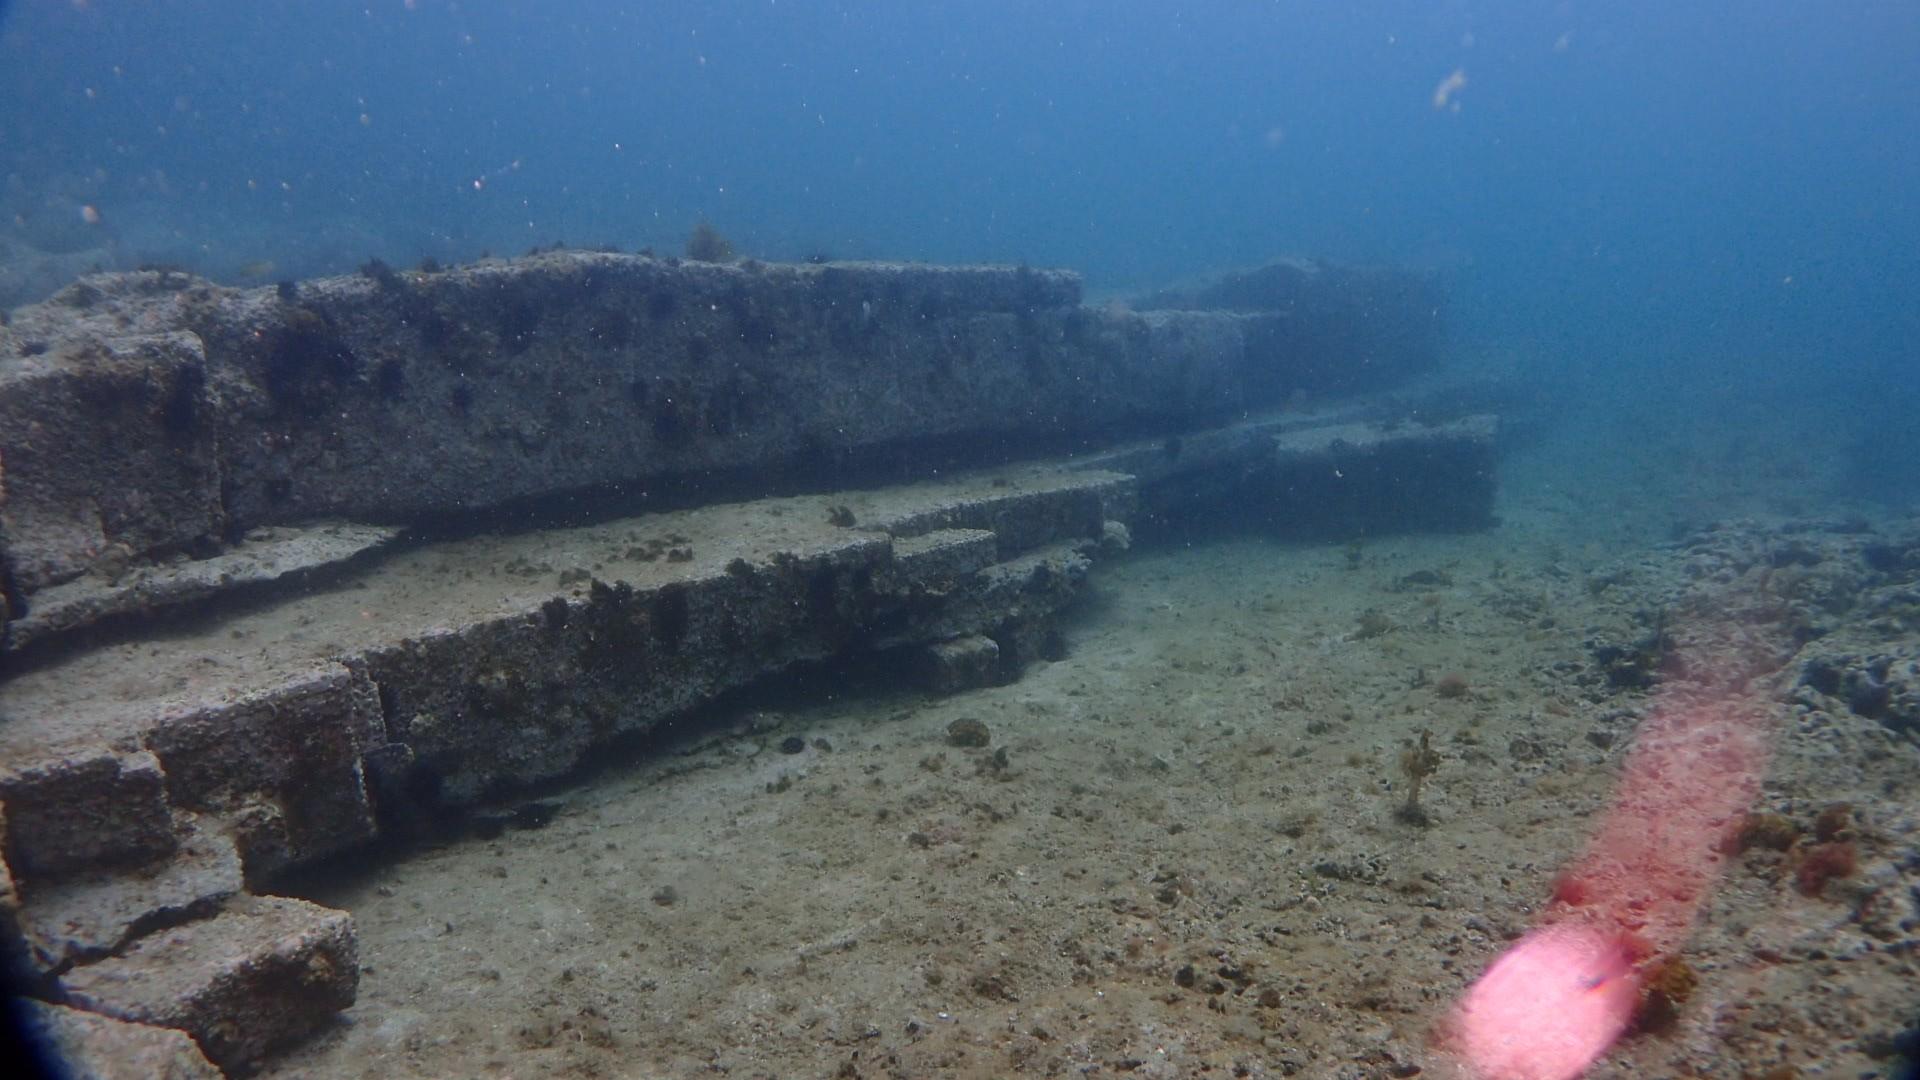 恋の浦 海底遺跡?